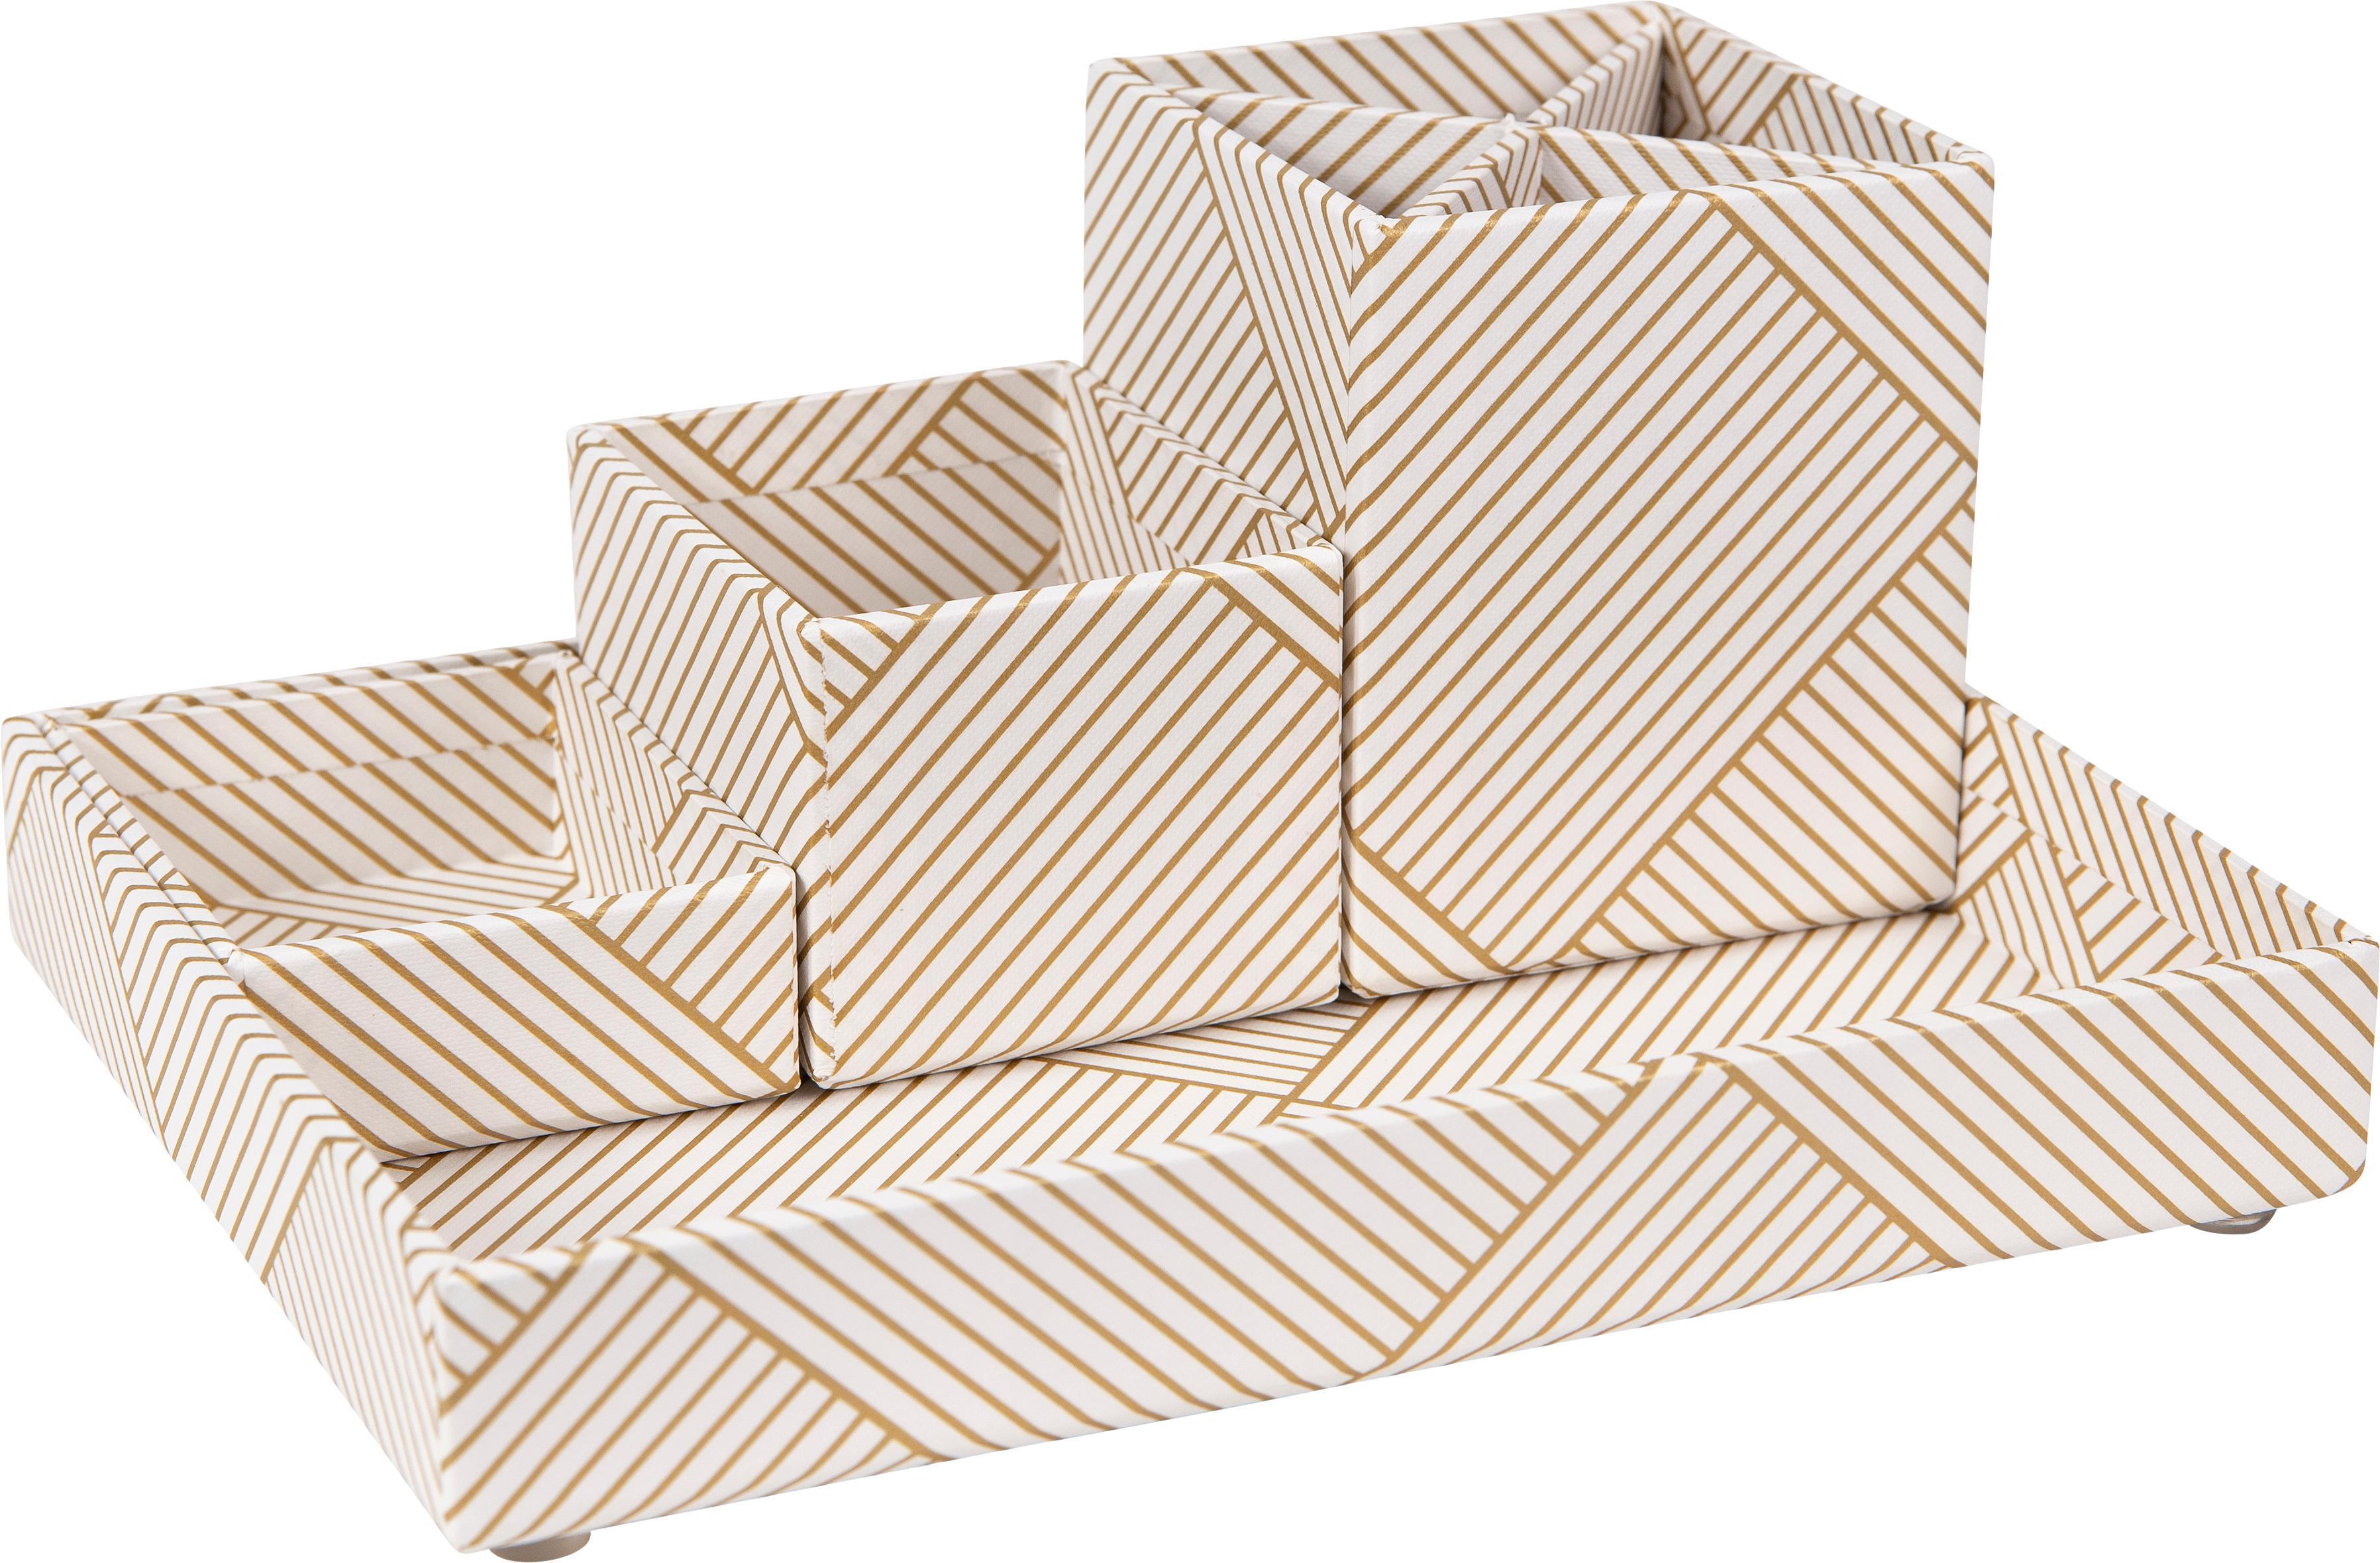 Bureau organizerset Lena, 4-delig, Massief, gelamineerd karton, Goudkleurig, wit, Verschillende formaten